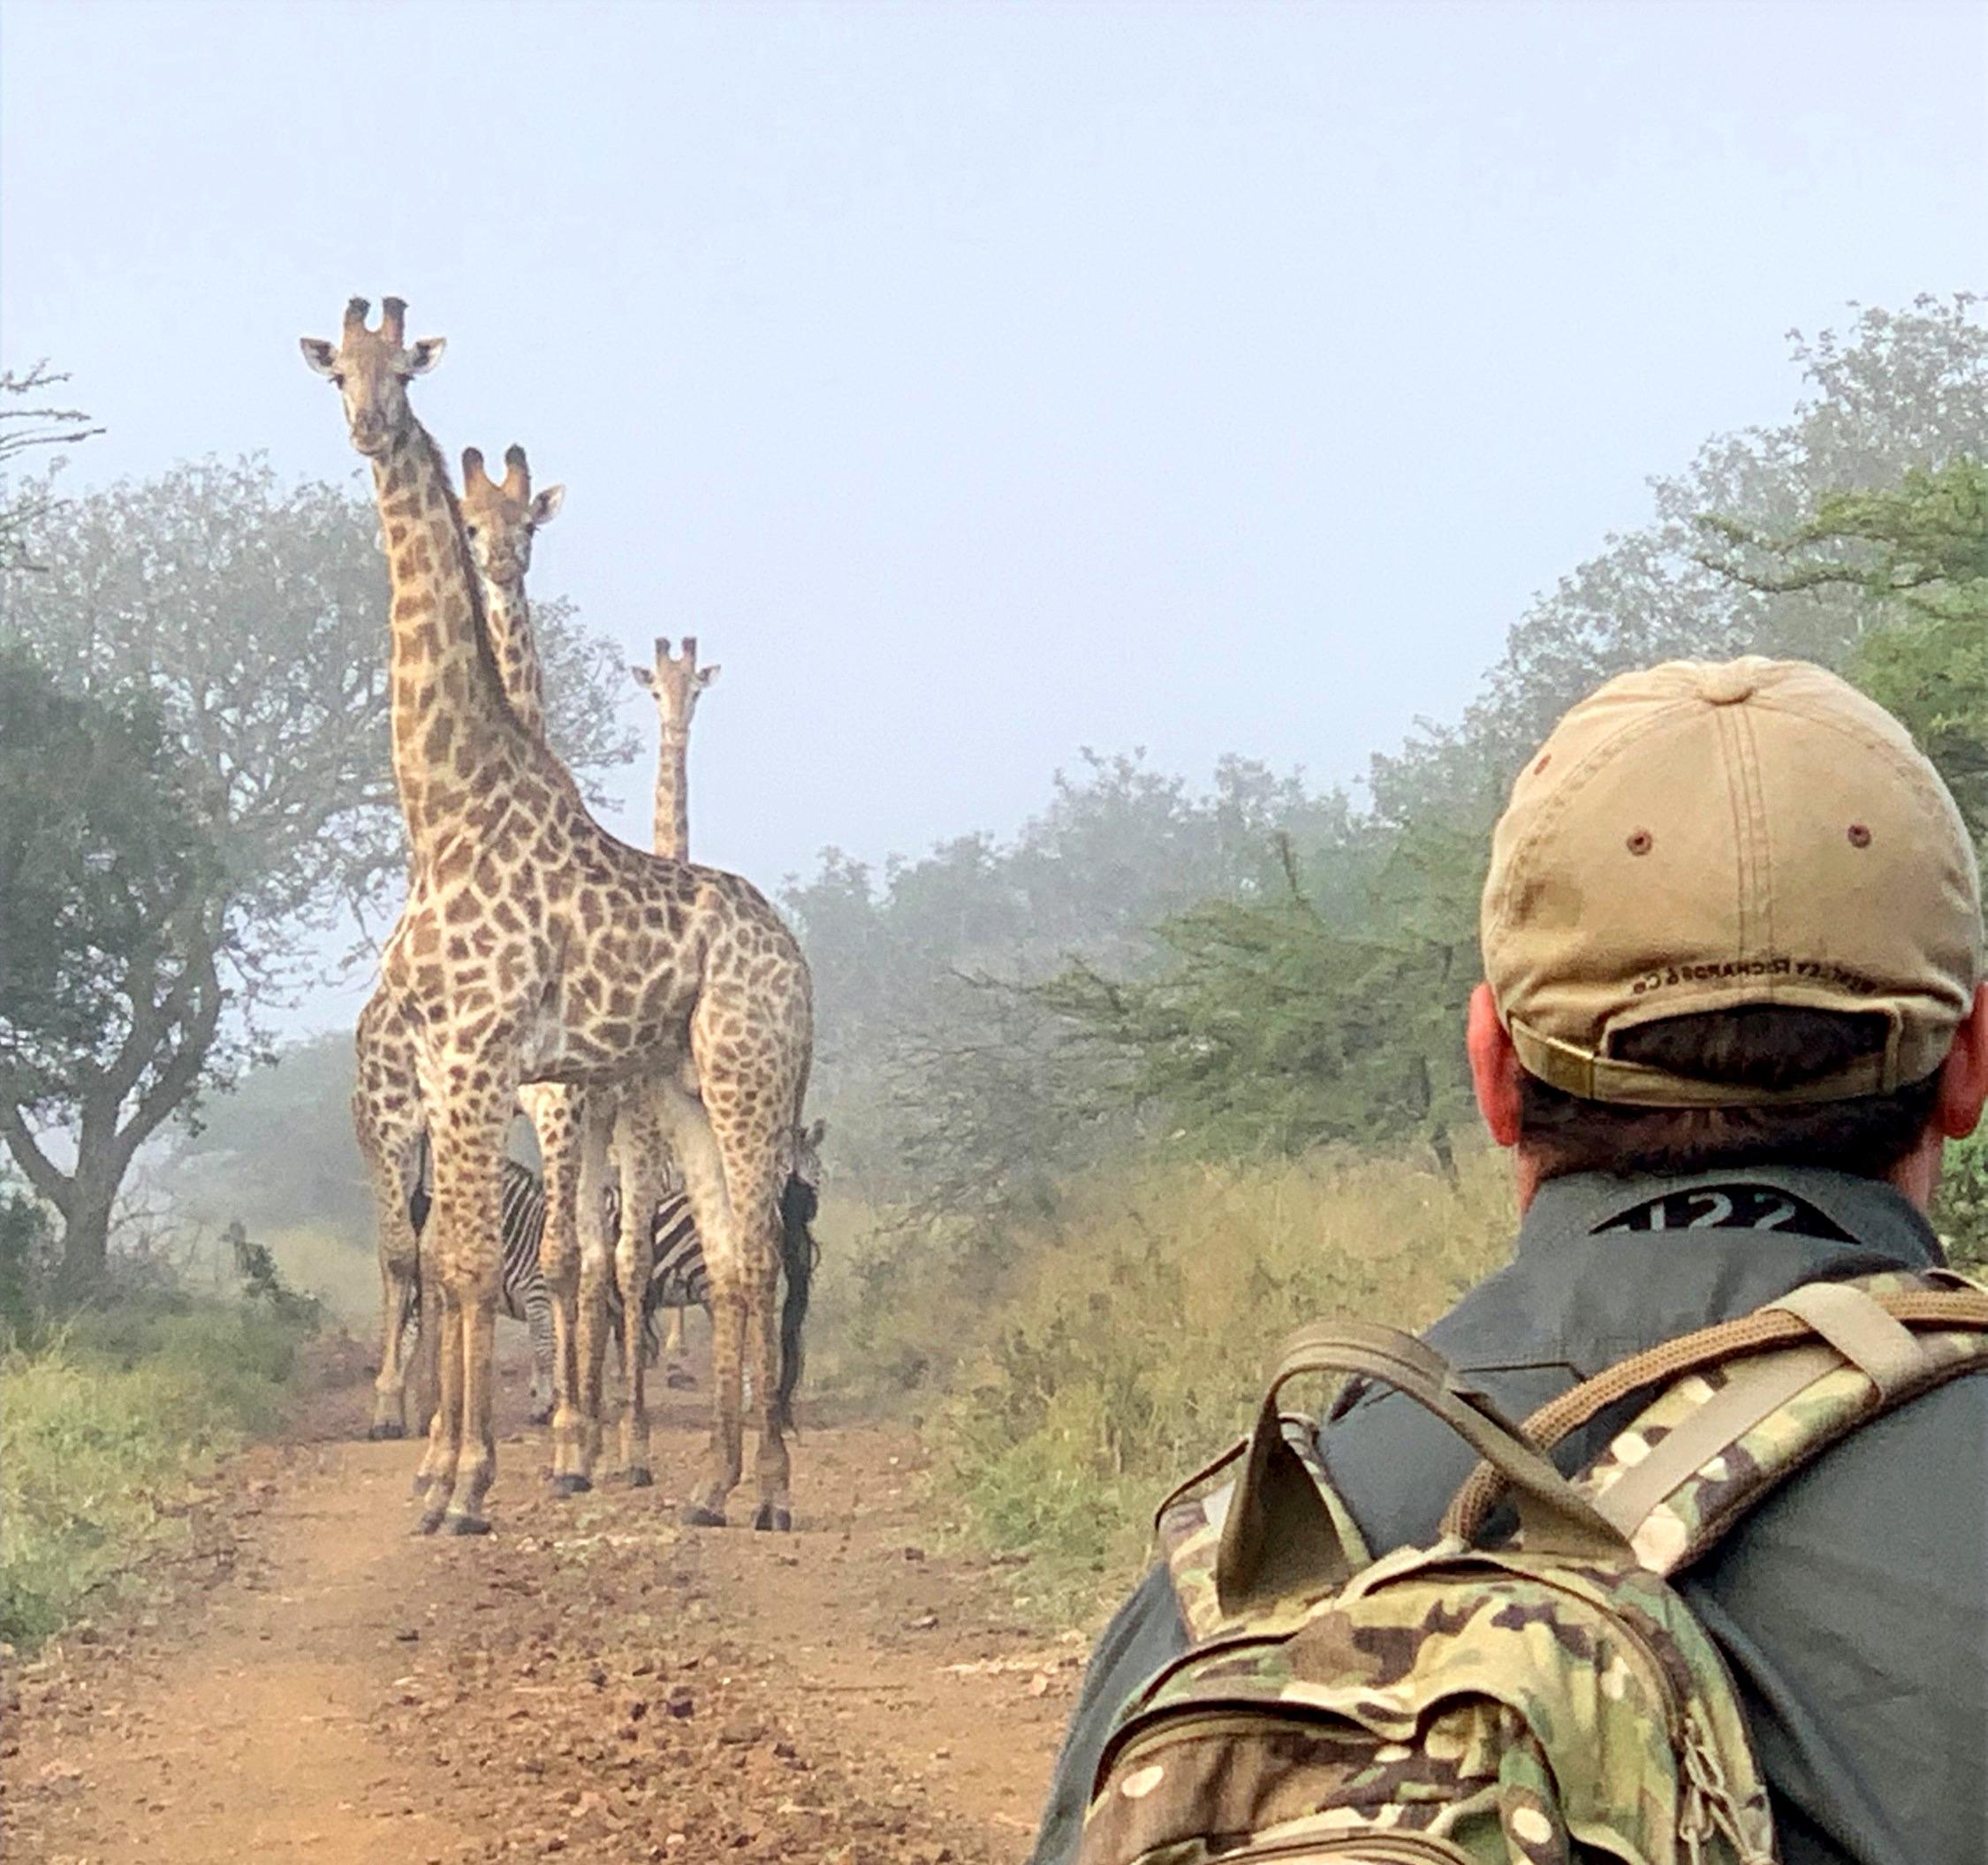 Sighting_Giraffe_Bayala